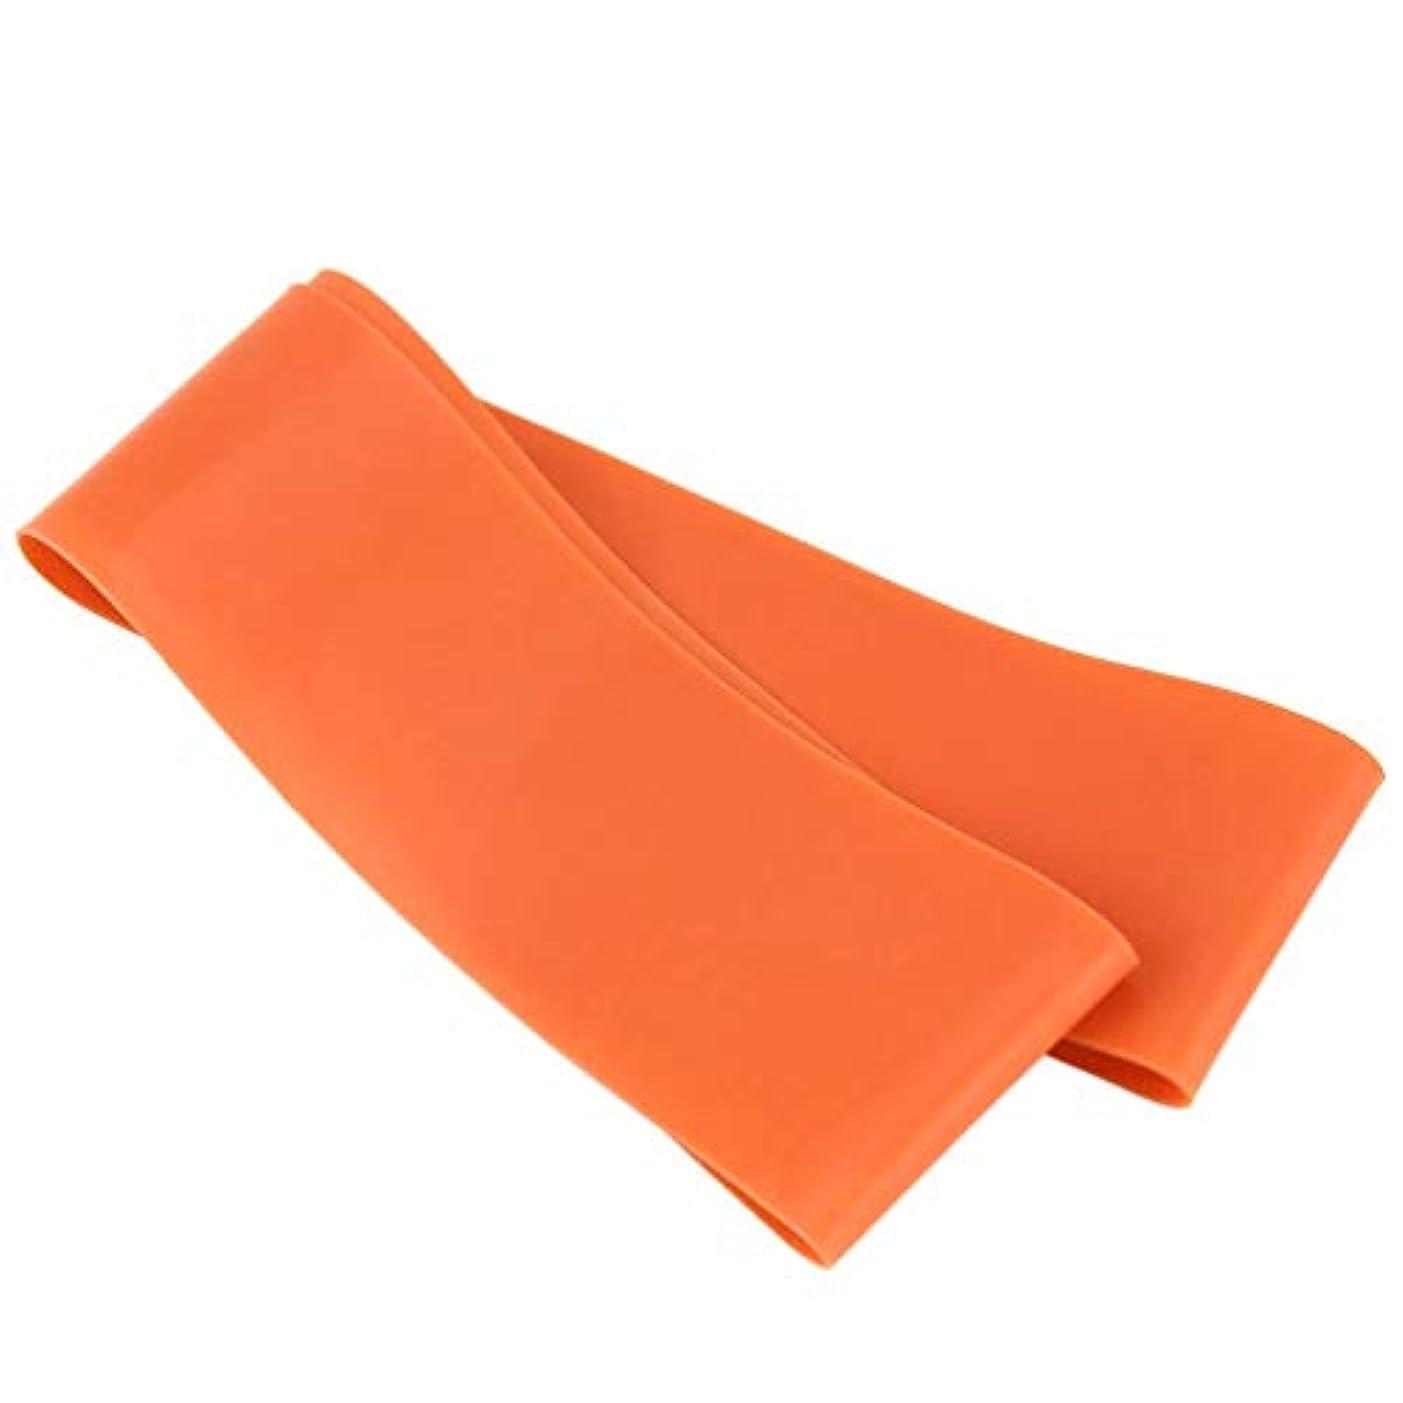 蒸発する計算科学的滑り止めの伸縮性のあるゴム製伸縮性がある伸縮性があるヨガベルトバンド引きロープの張力抵抗バンドループ強度のためのフィットネスヨガツール - オレンジ